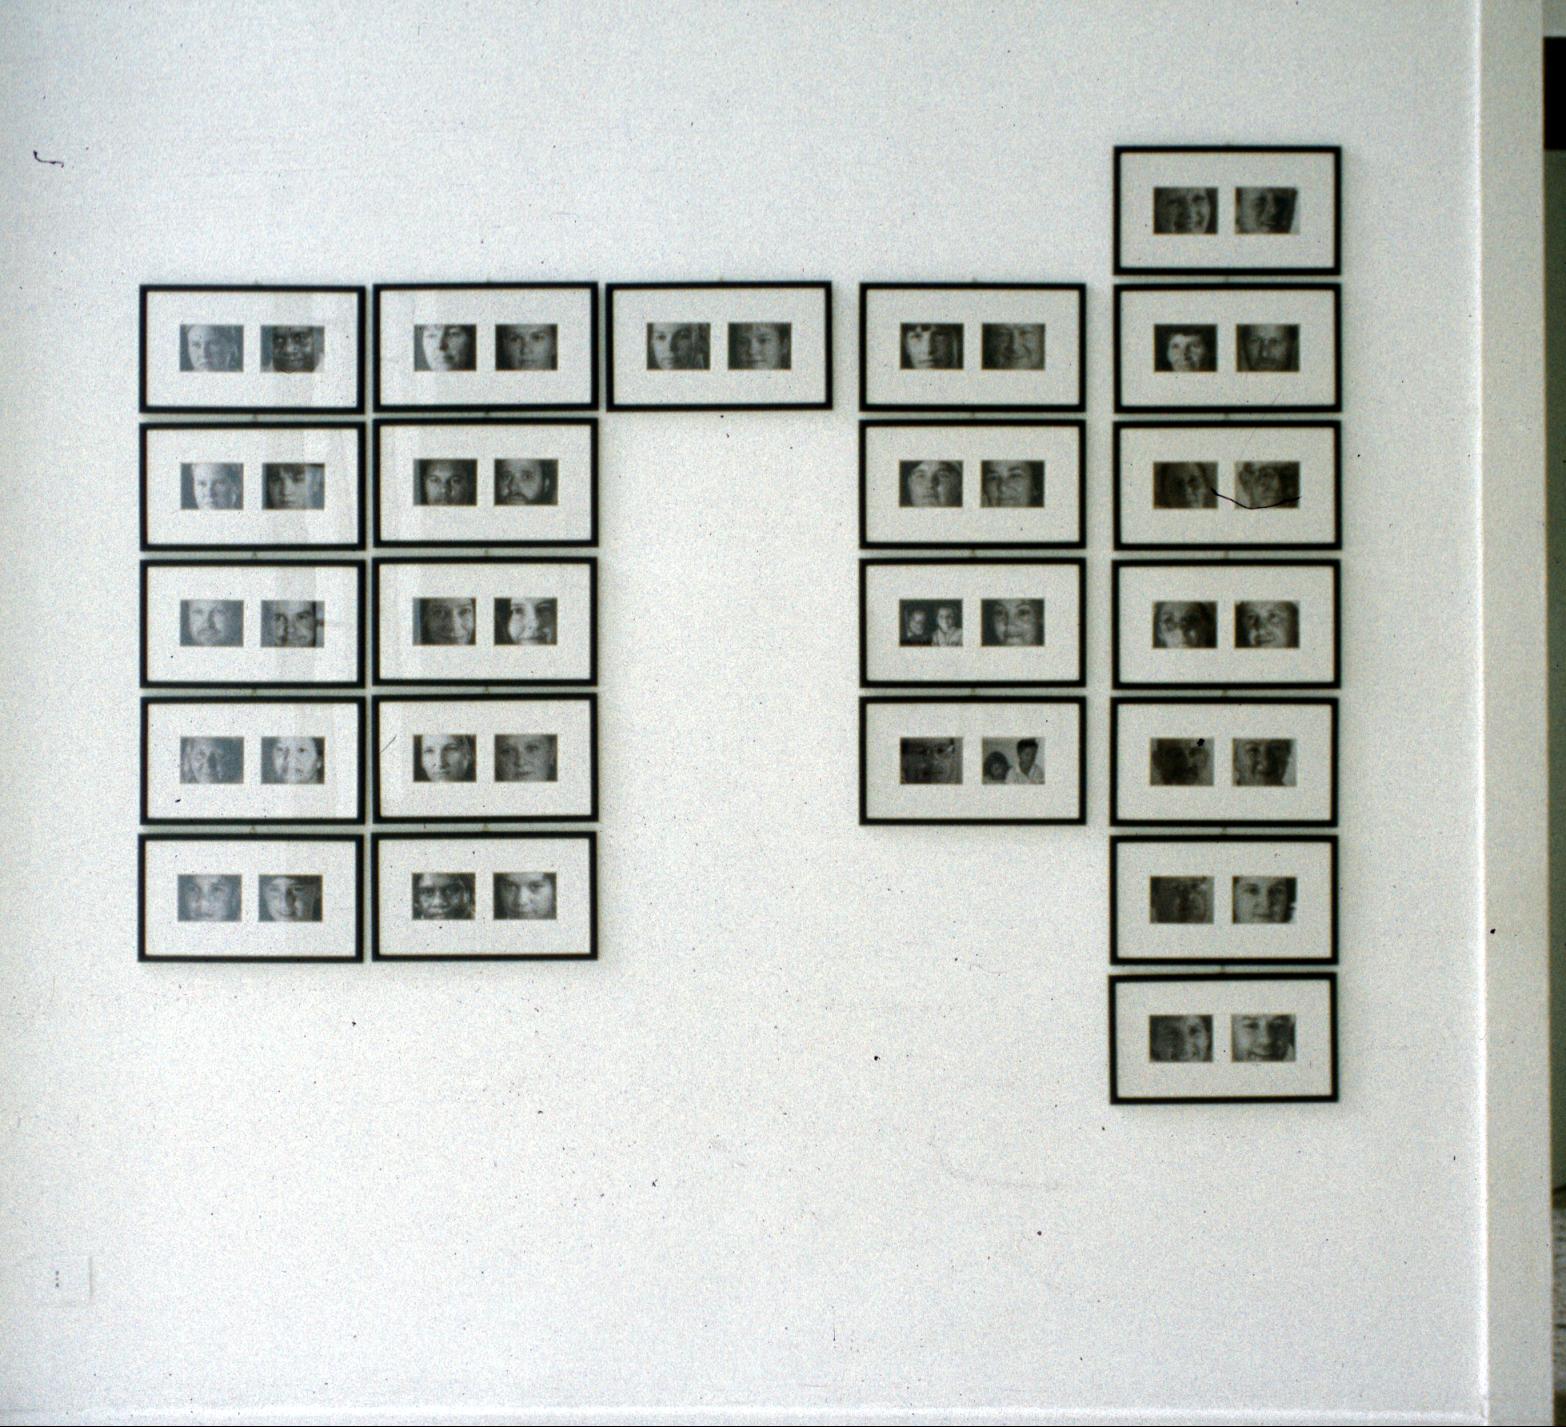 Salvatore Falci, 1998, Silent Communication, foto Aborigeni e Anglosassoni, Galleria Casoli Milano, 2000